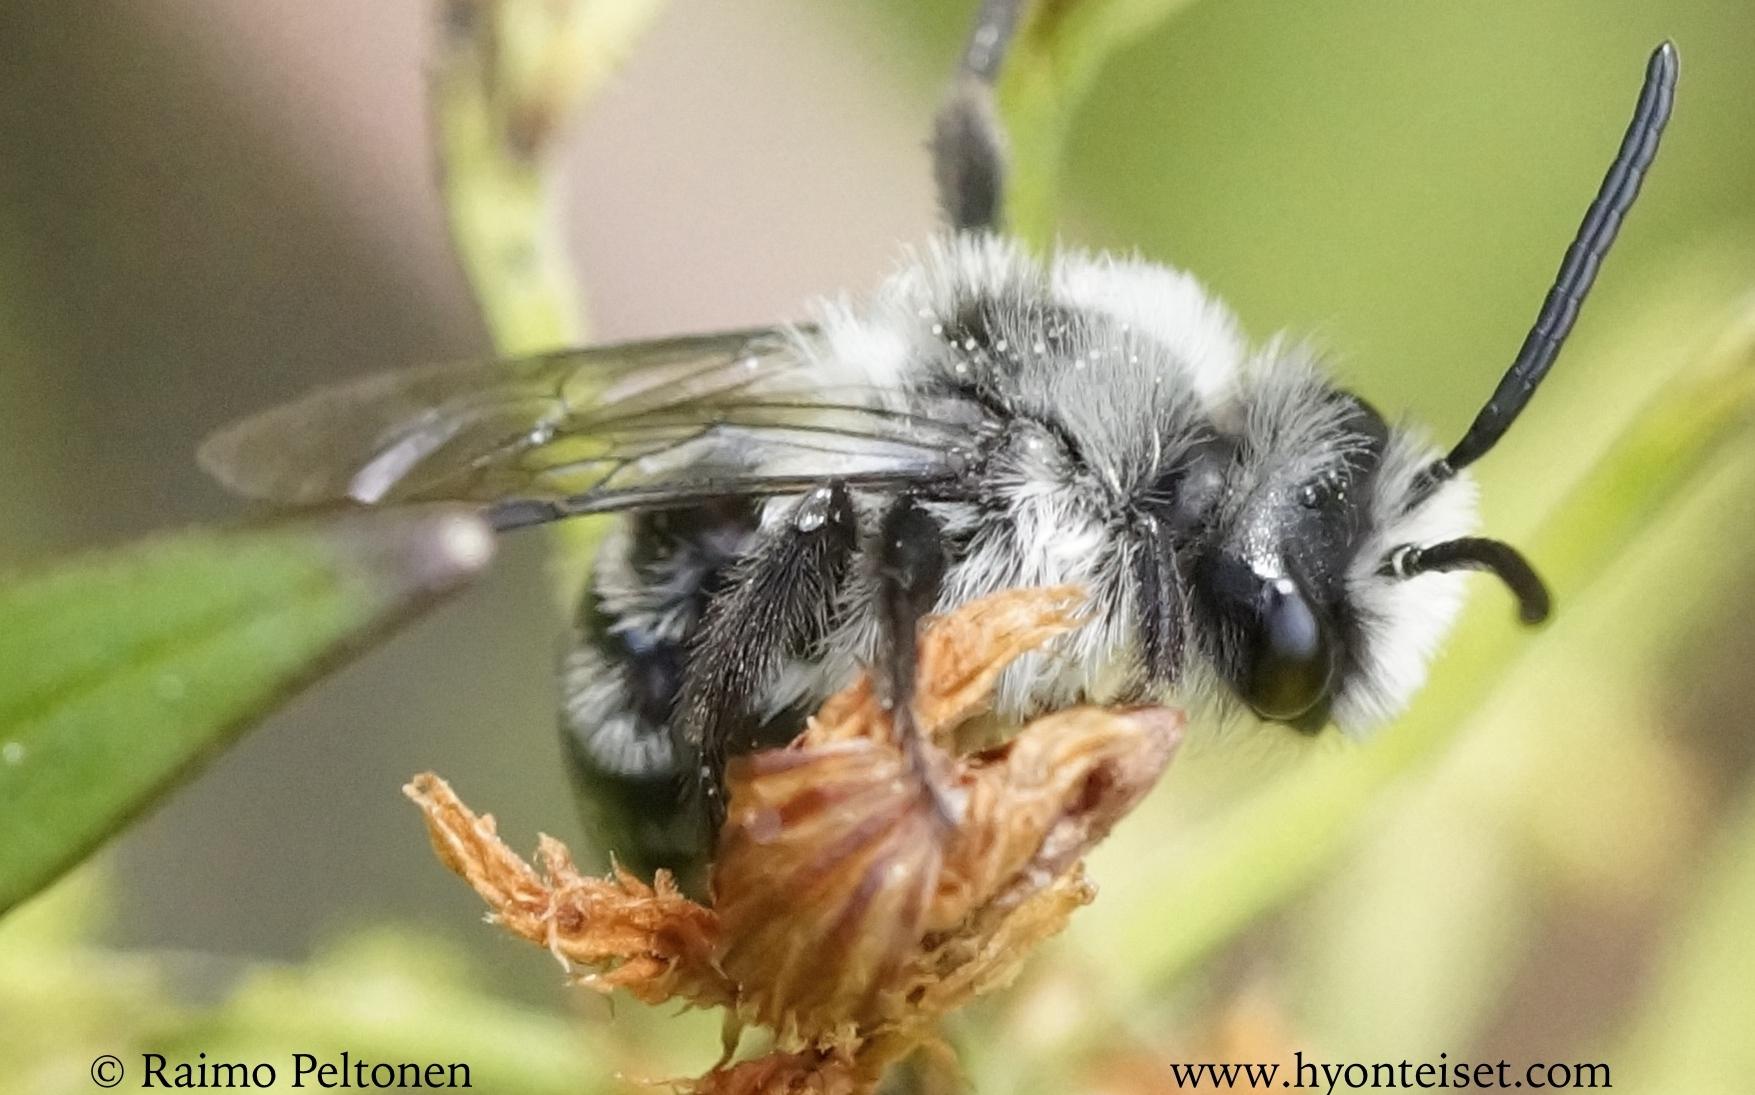 Andrena cineraria-hohtomaamehiläinen, koiras (det. Juho Paukkunen)